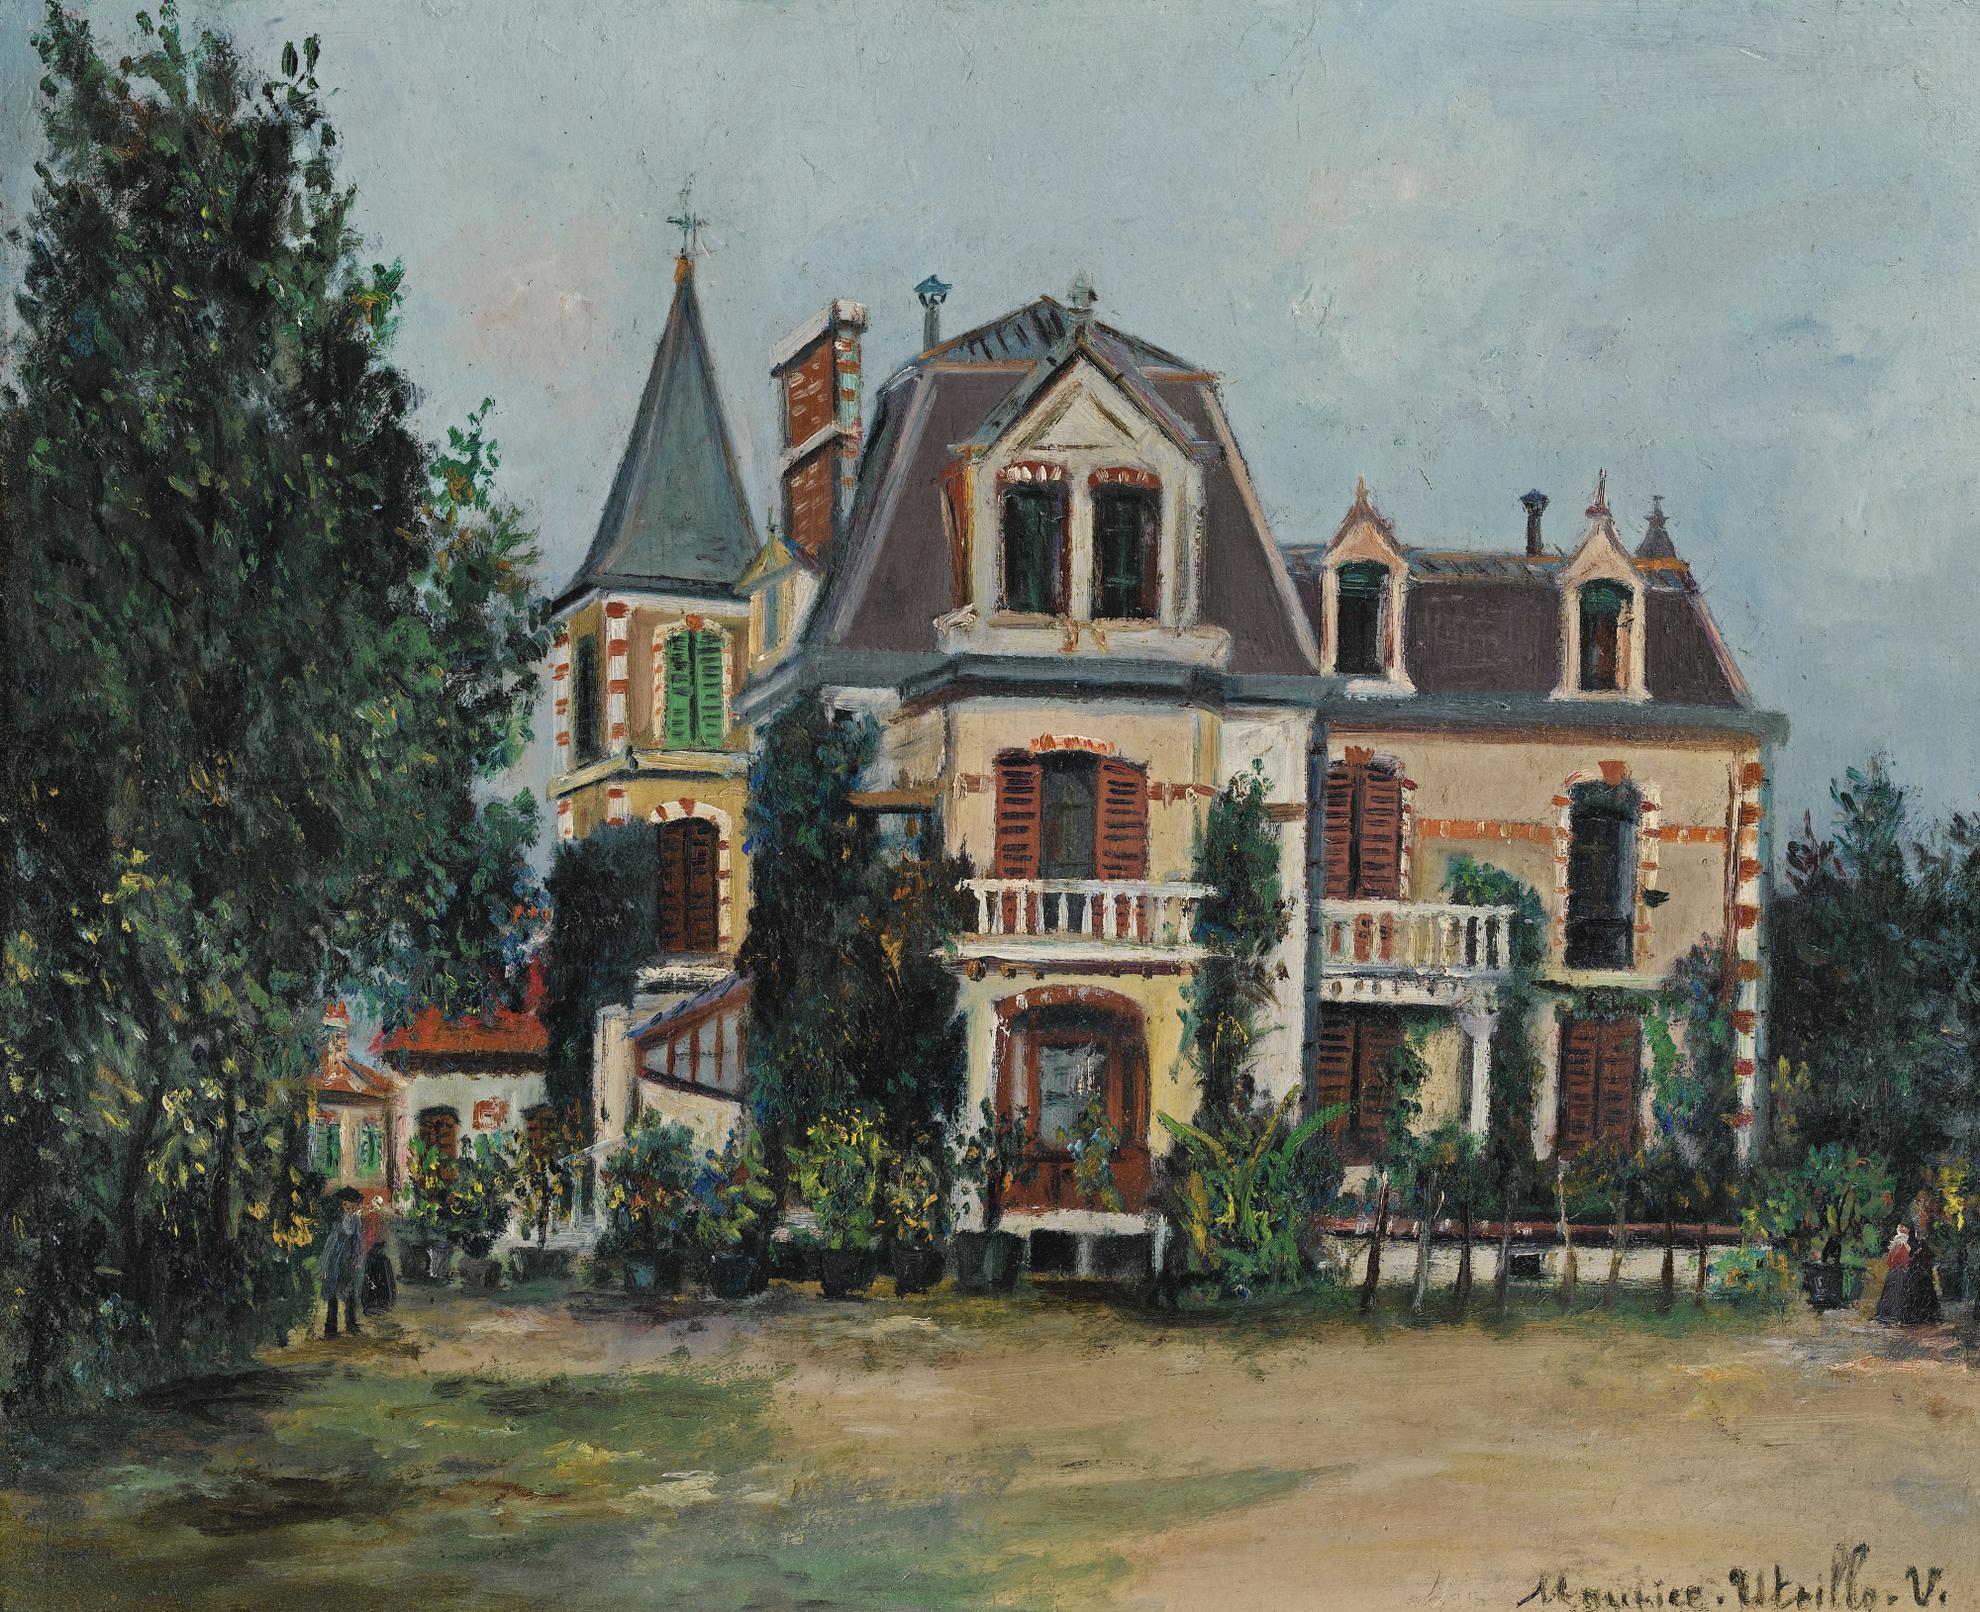 Maurice Utrillo-Le Chateau Or La Villa Dans Un Parc-1920